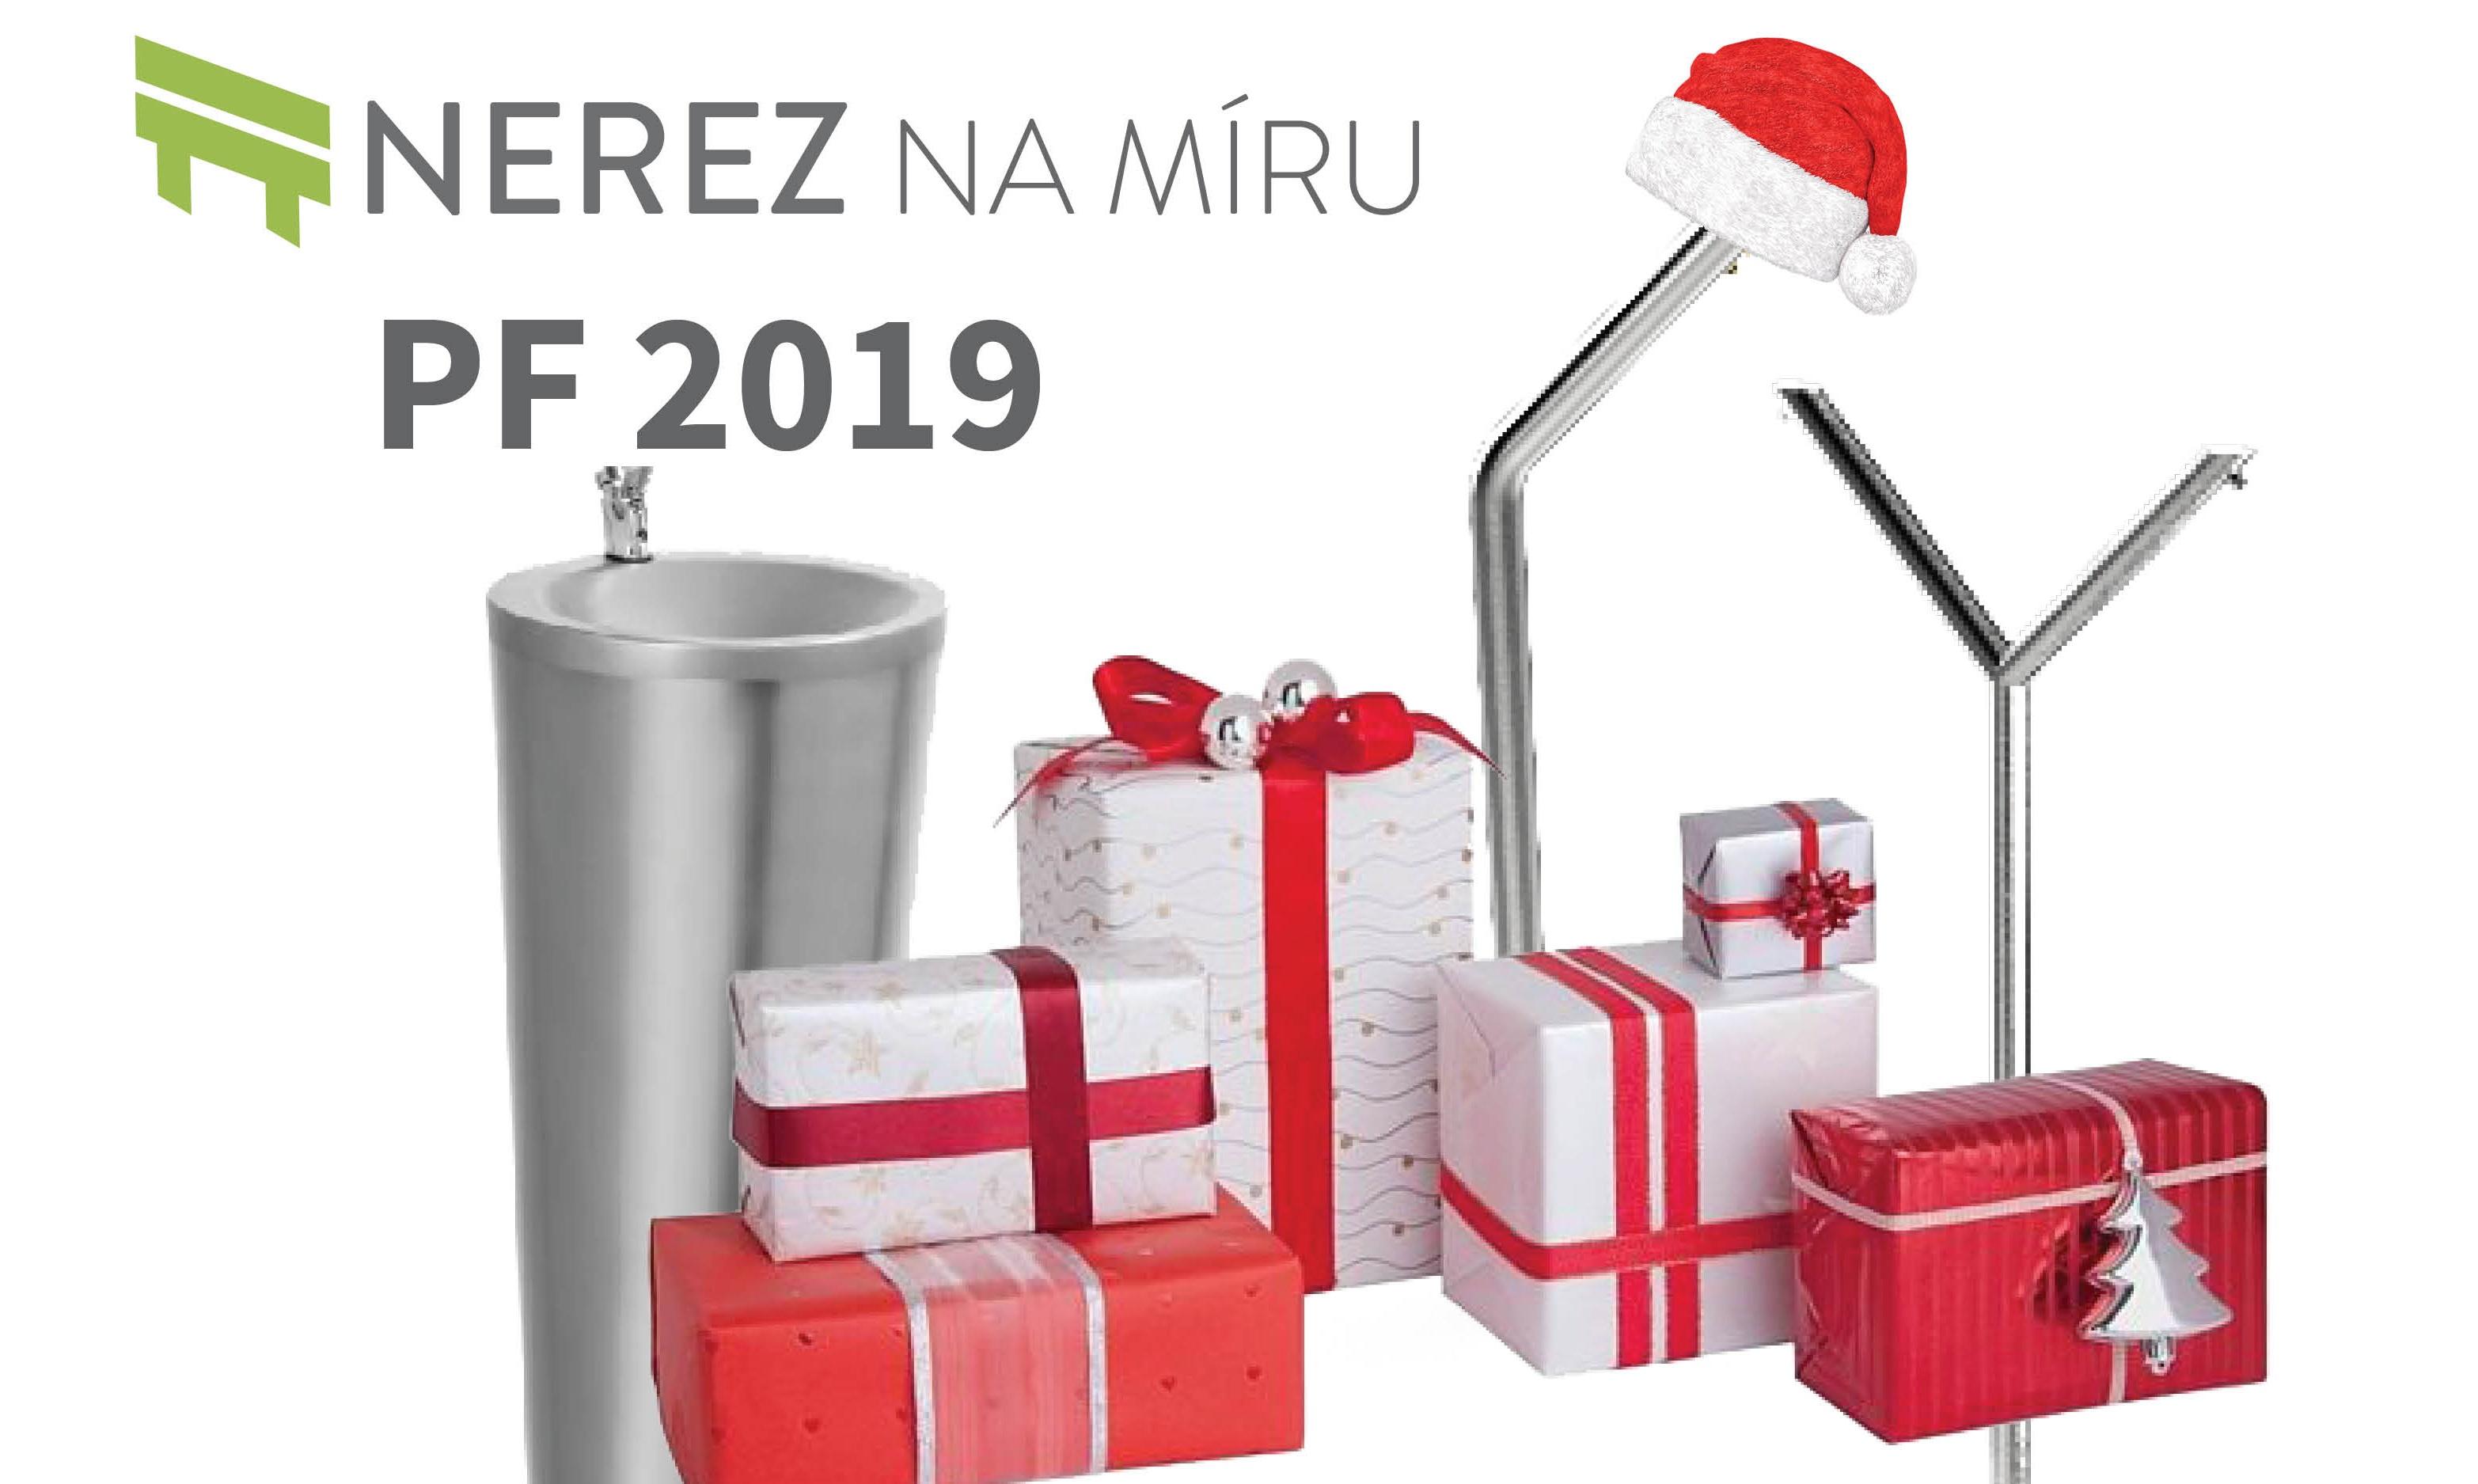 pf 2019 nereznamiru.cz